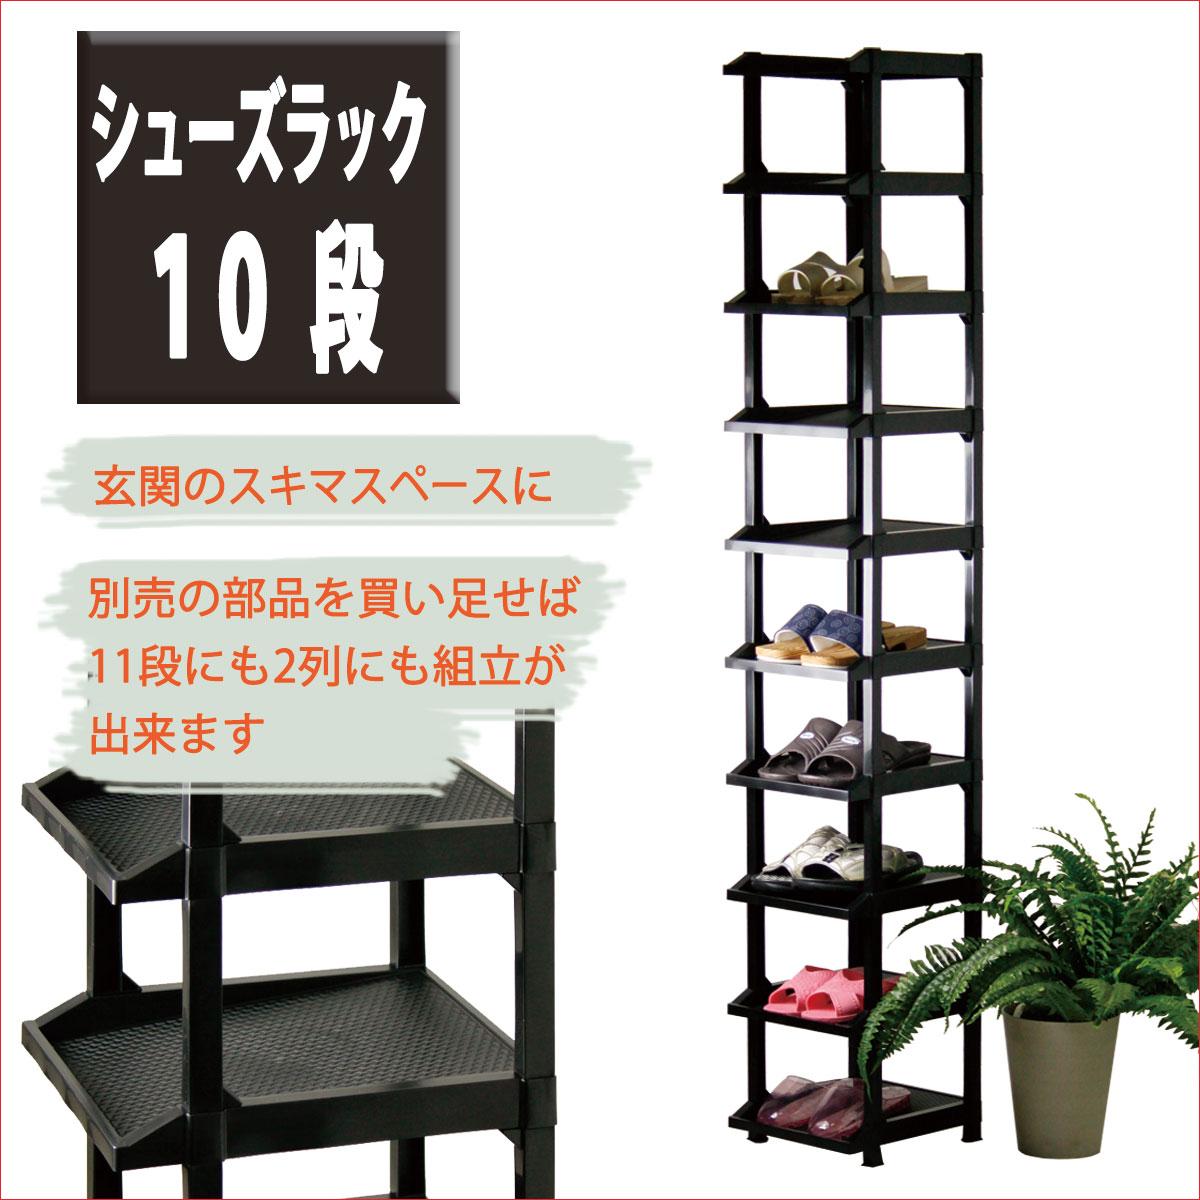 シューズラック 10段【送料無料】靴 収納 大容量 スリム 下駄箱 日本製